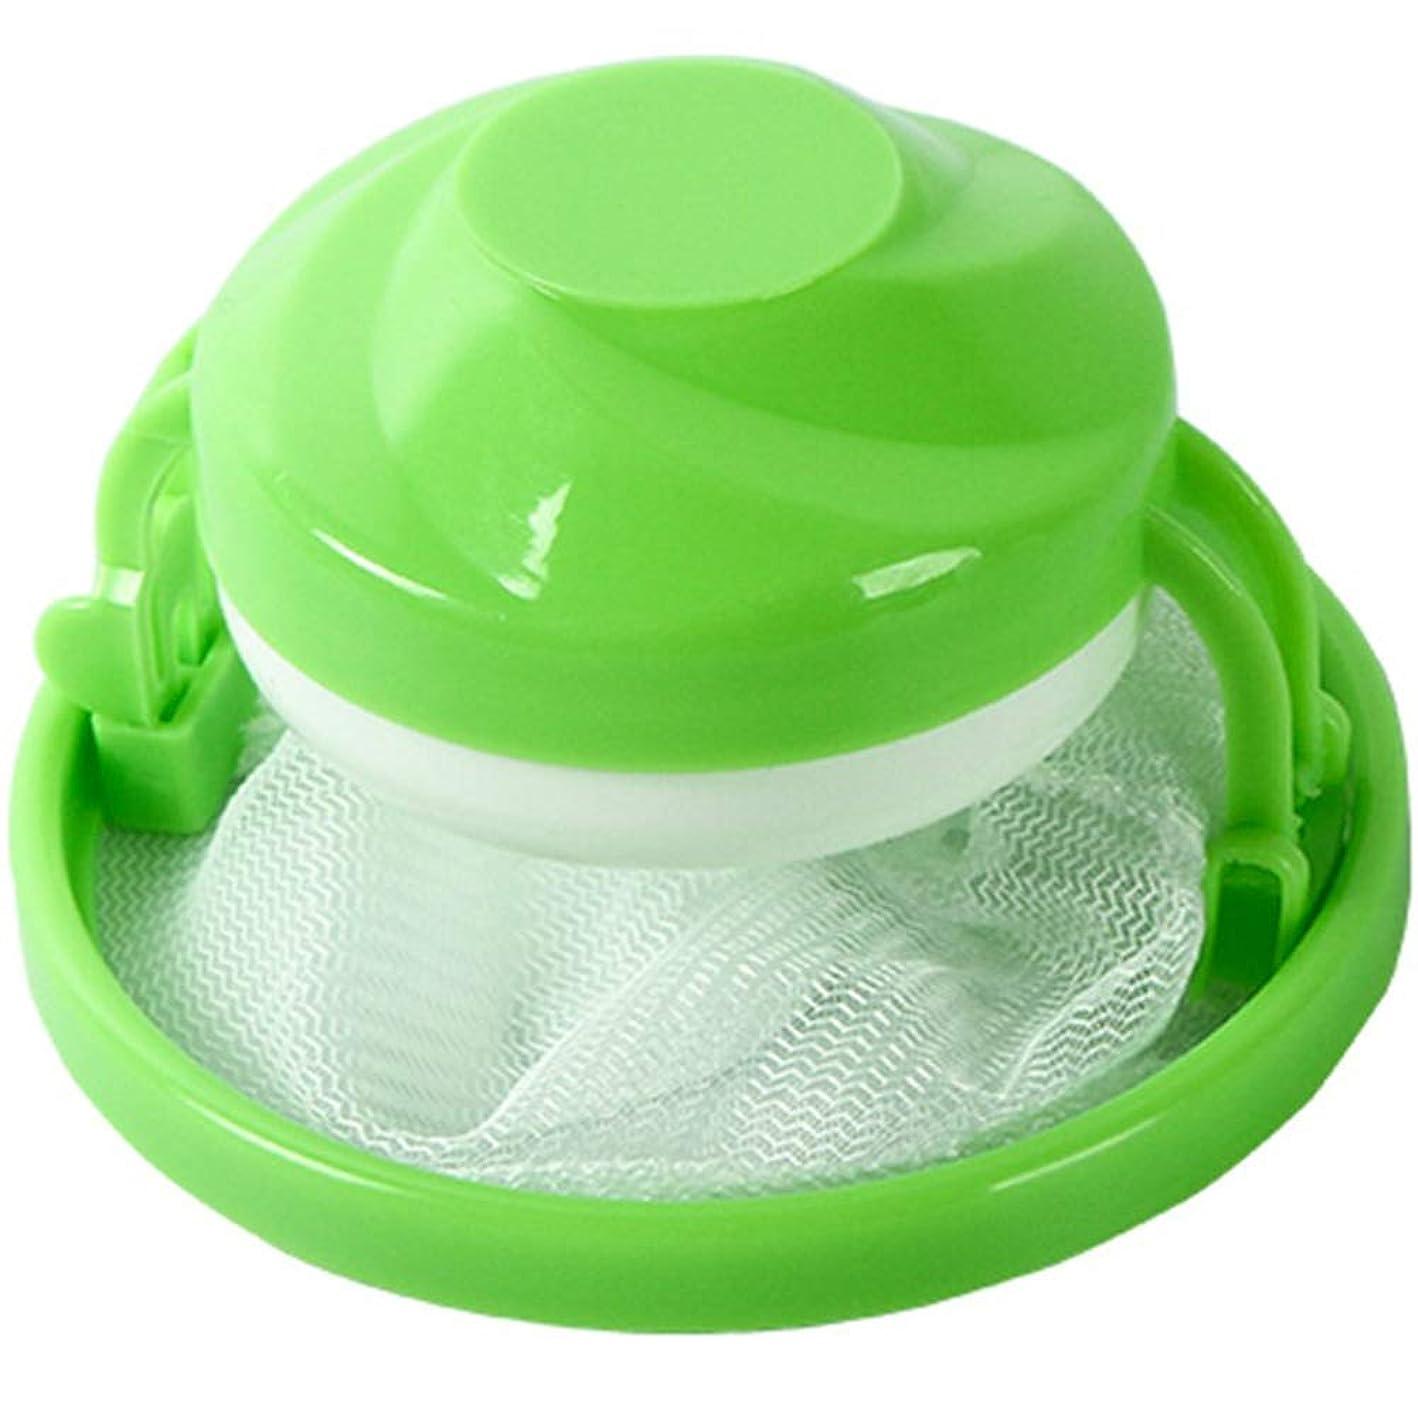 車確立望まないACHICOO ヘア リムーバー 洗濯機用 リント&ペット用 フローティング 緑